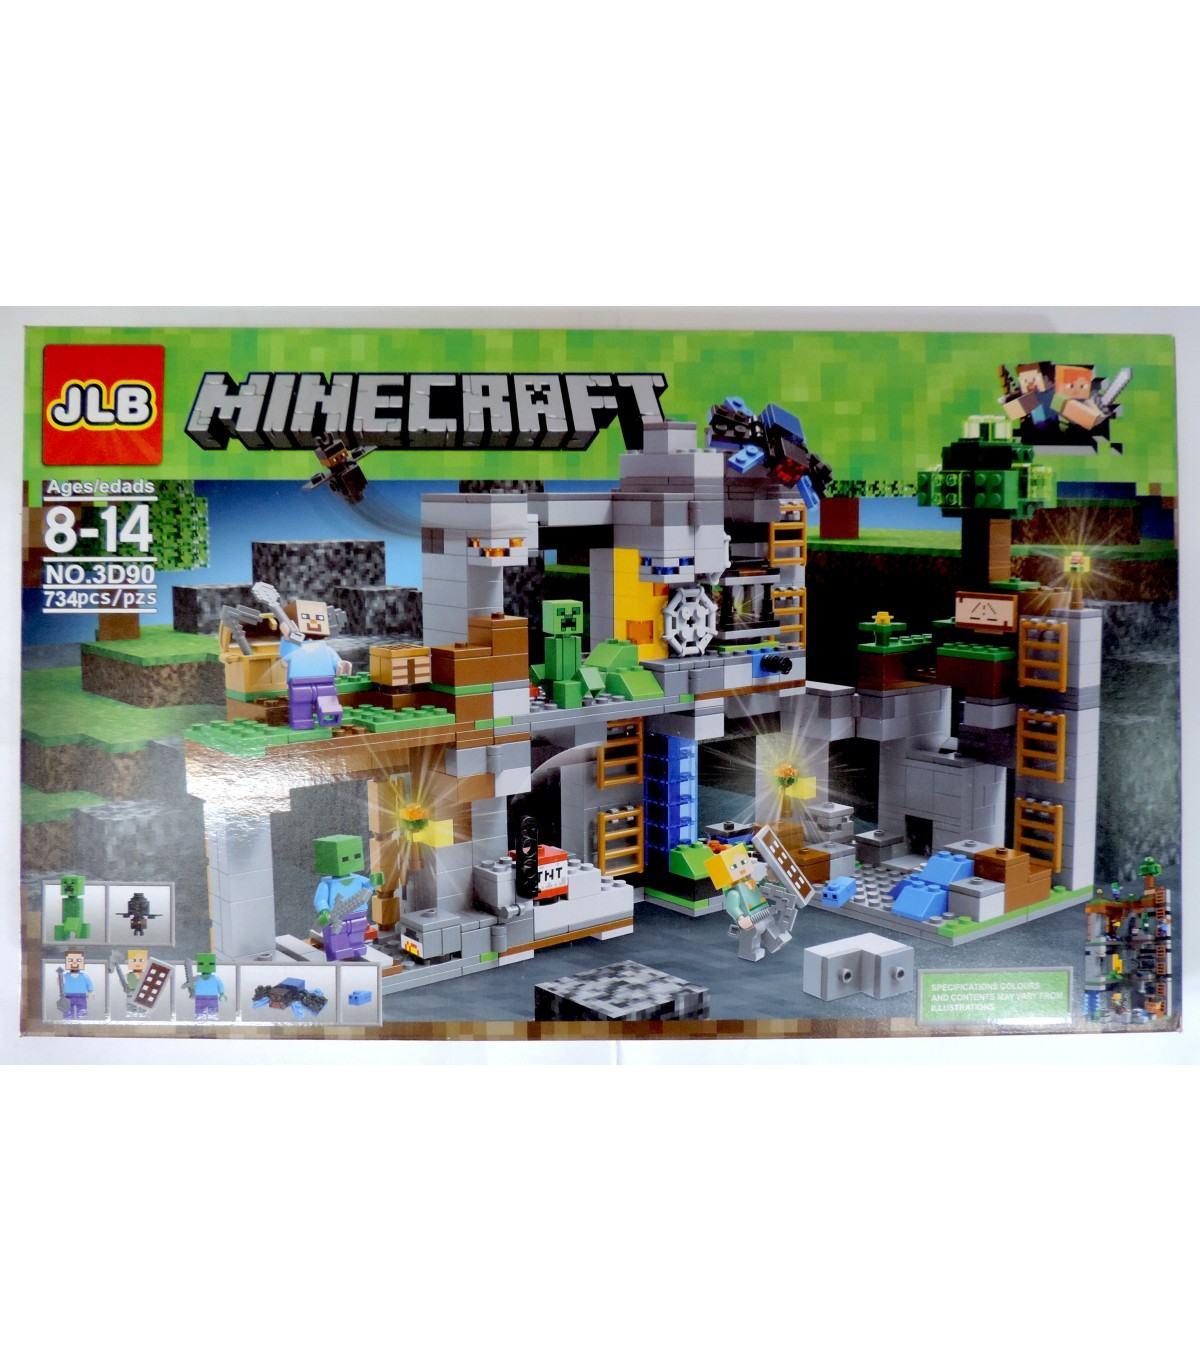 Фотография 1 товарной позиции интернет-магазина детских игрушек www.smarttoys.com.ua Великий конструктор Майнкрафт JLB Minecraft Набір 734 pcs GA7-20